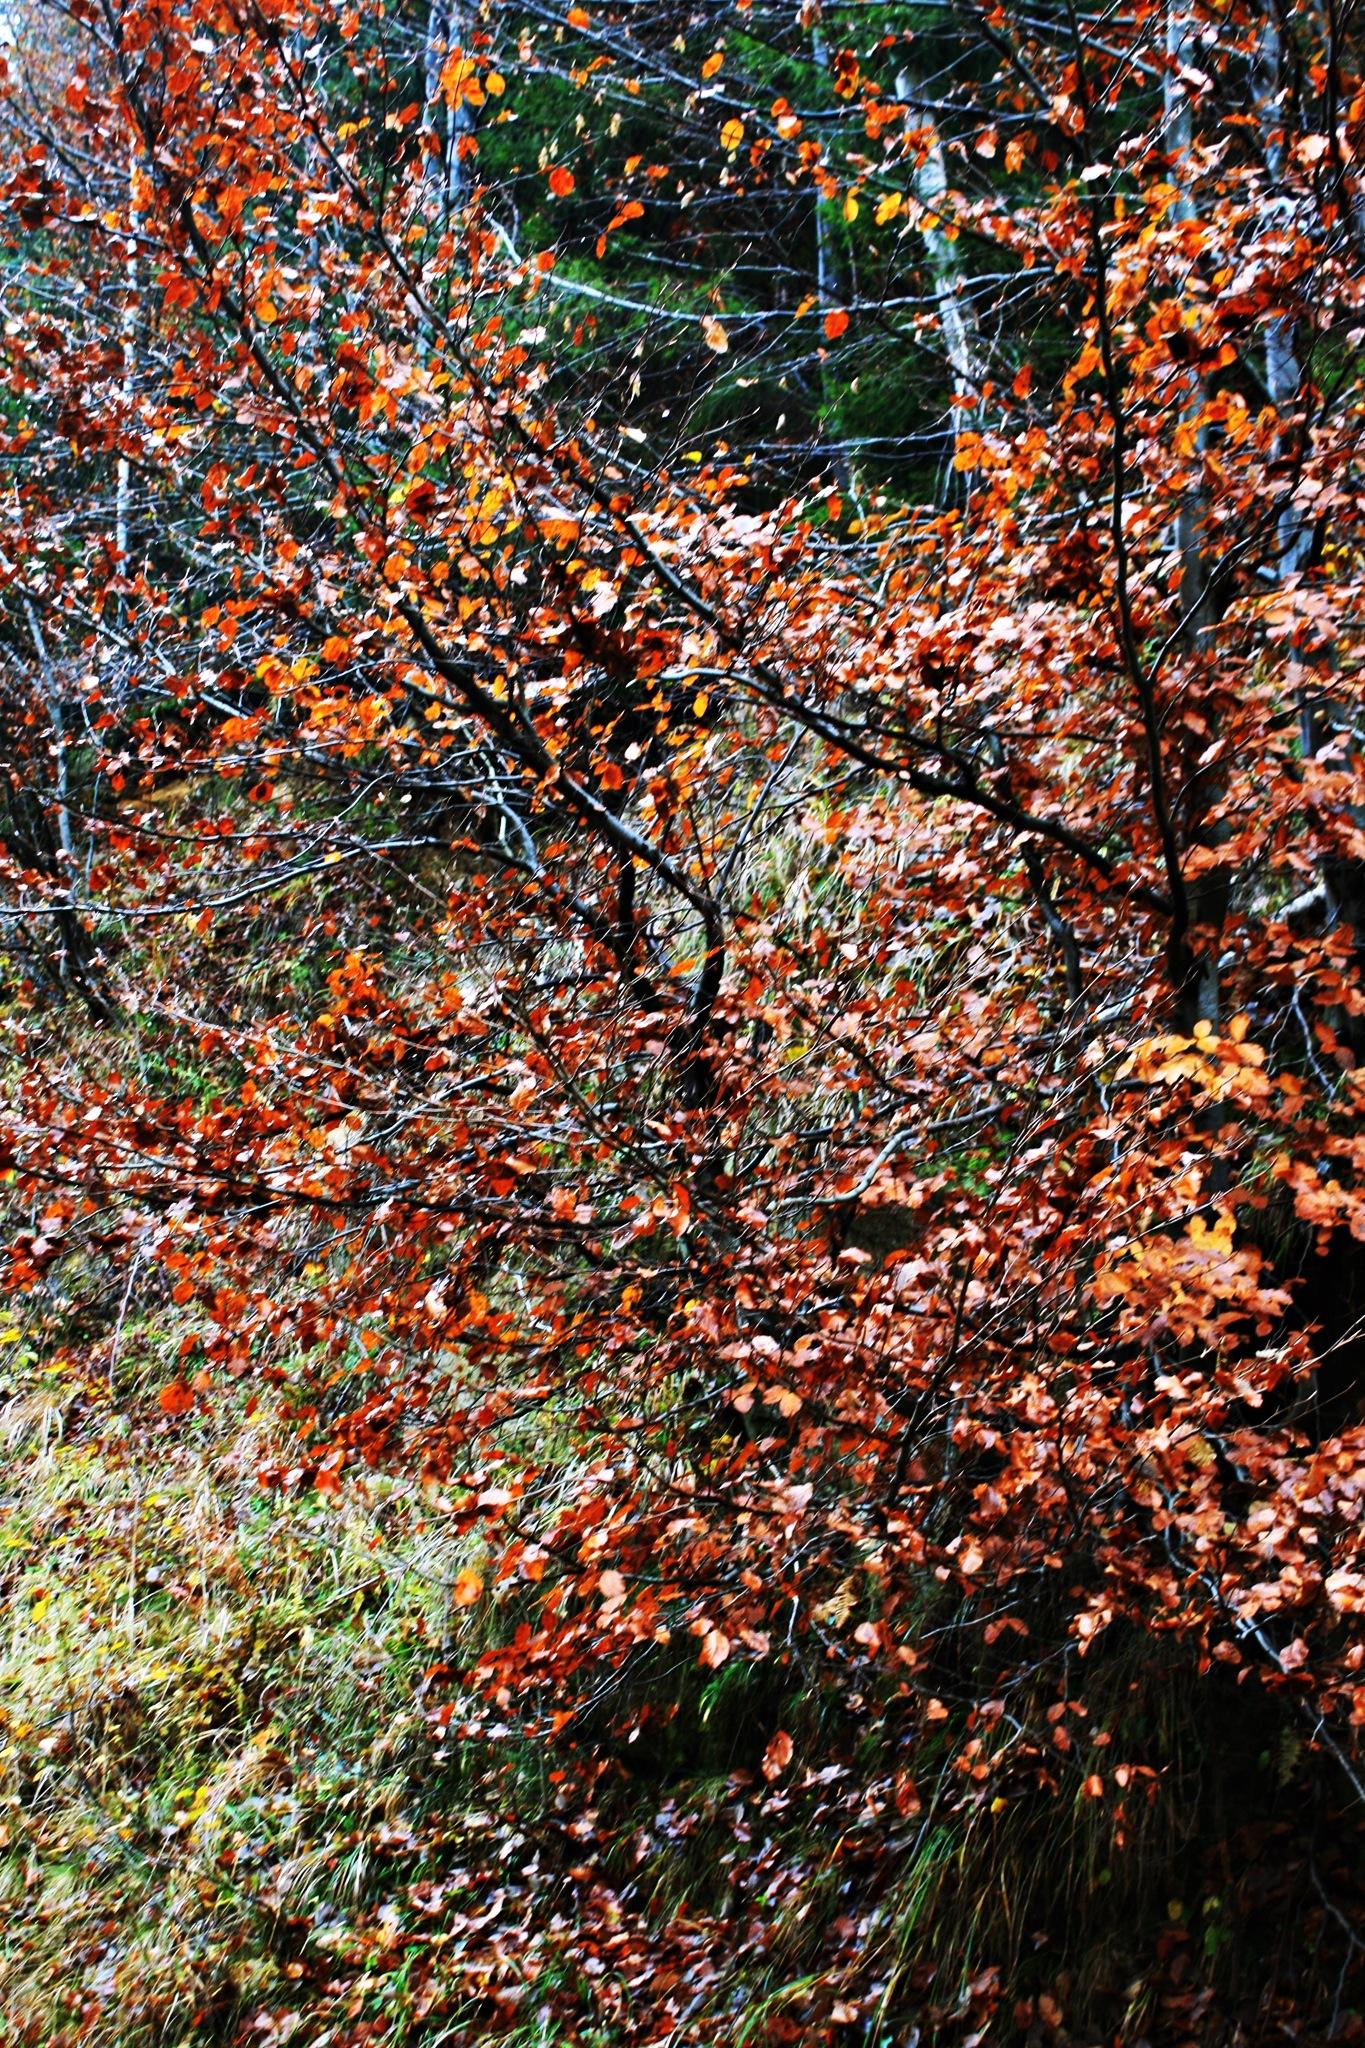 Autumnal forest 4 by Crismik